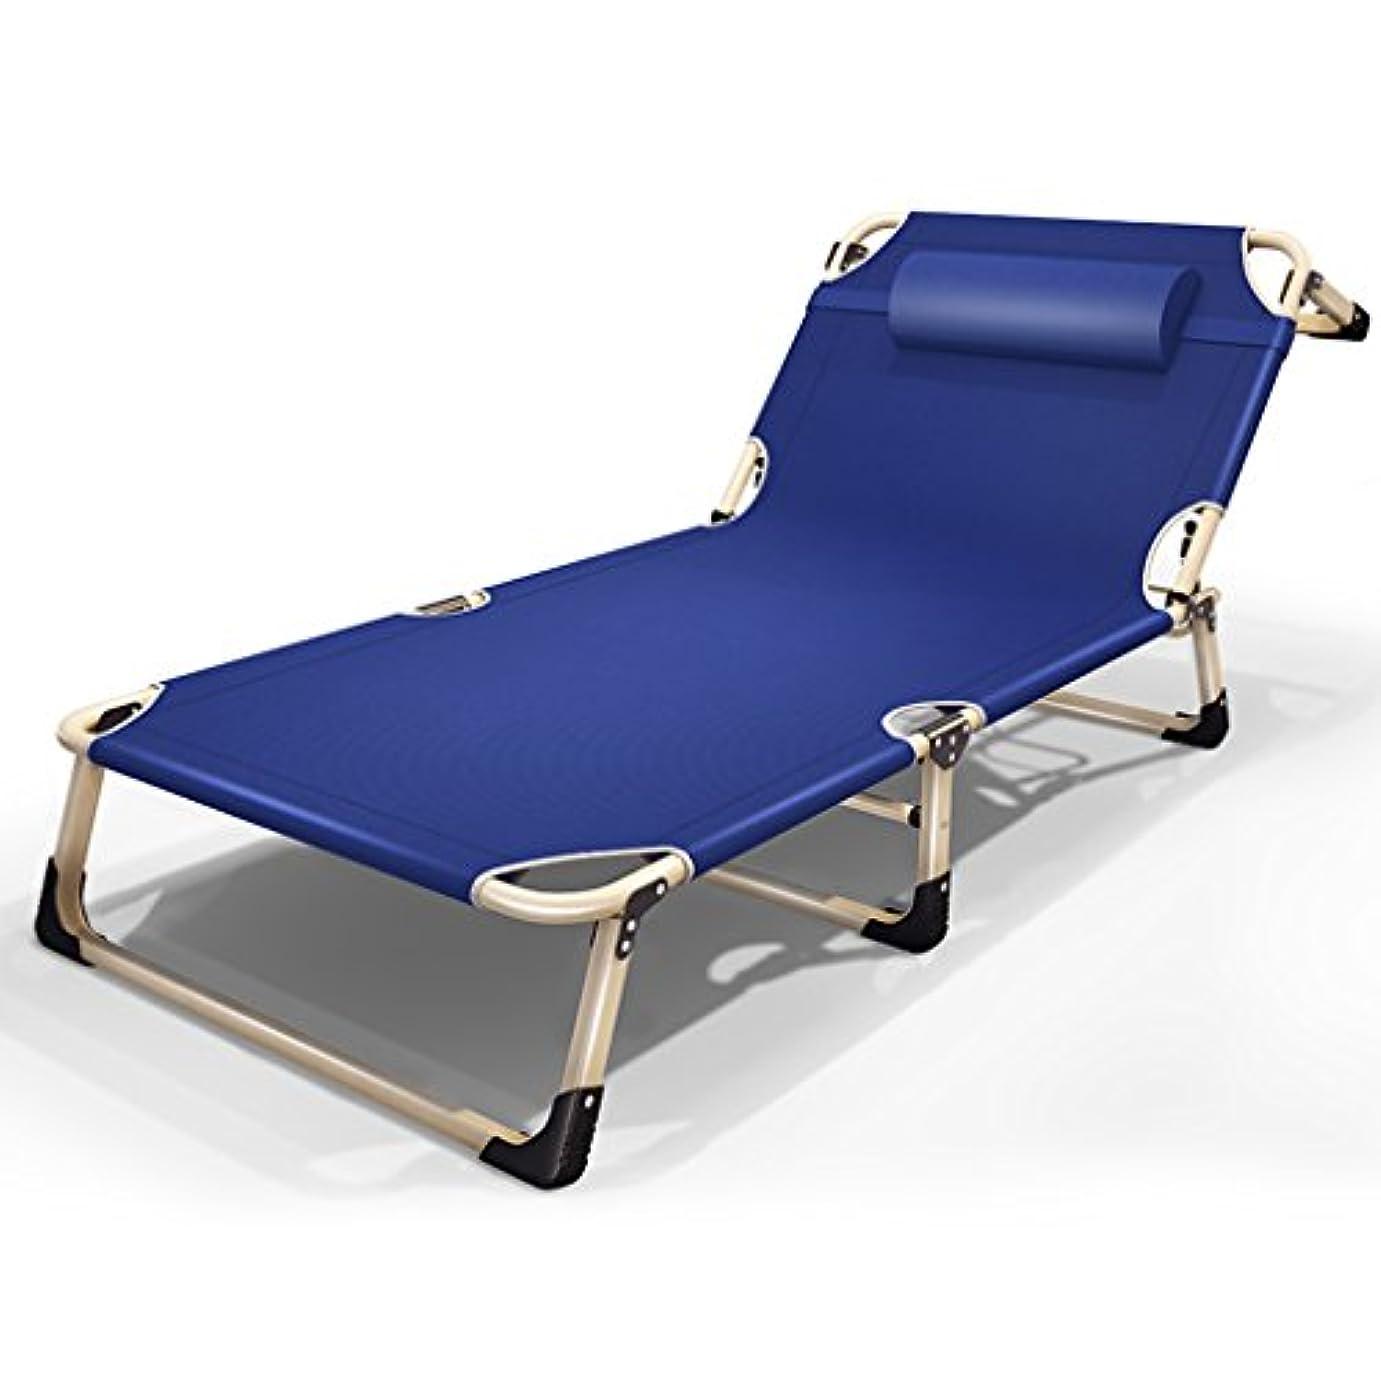 ヒギンズ希望に満ちた言うまでもなくブルー折りたたみベッドリクライニングベッドシングルベッドSiestaベッドオフィスレストベッド病院用ベッド屋外キャンプベッド4フィートベッド